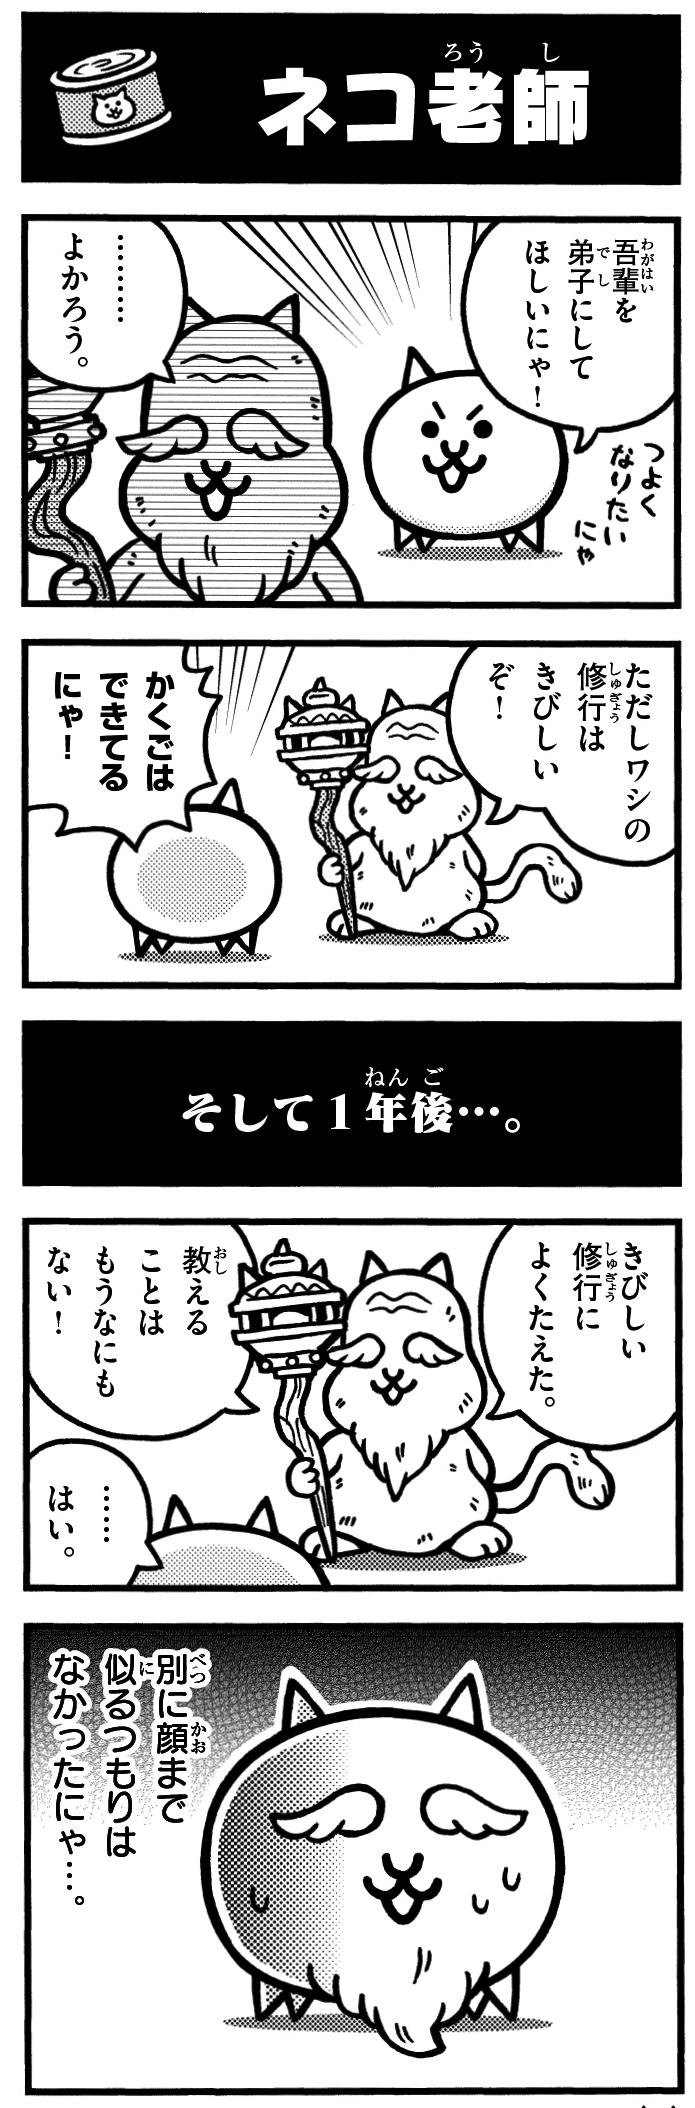 ネコ武道家 にゃんこ大戦争